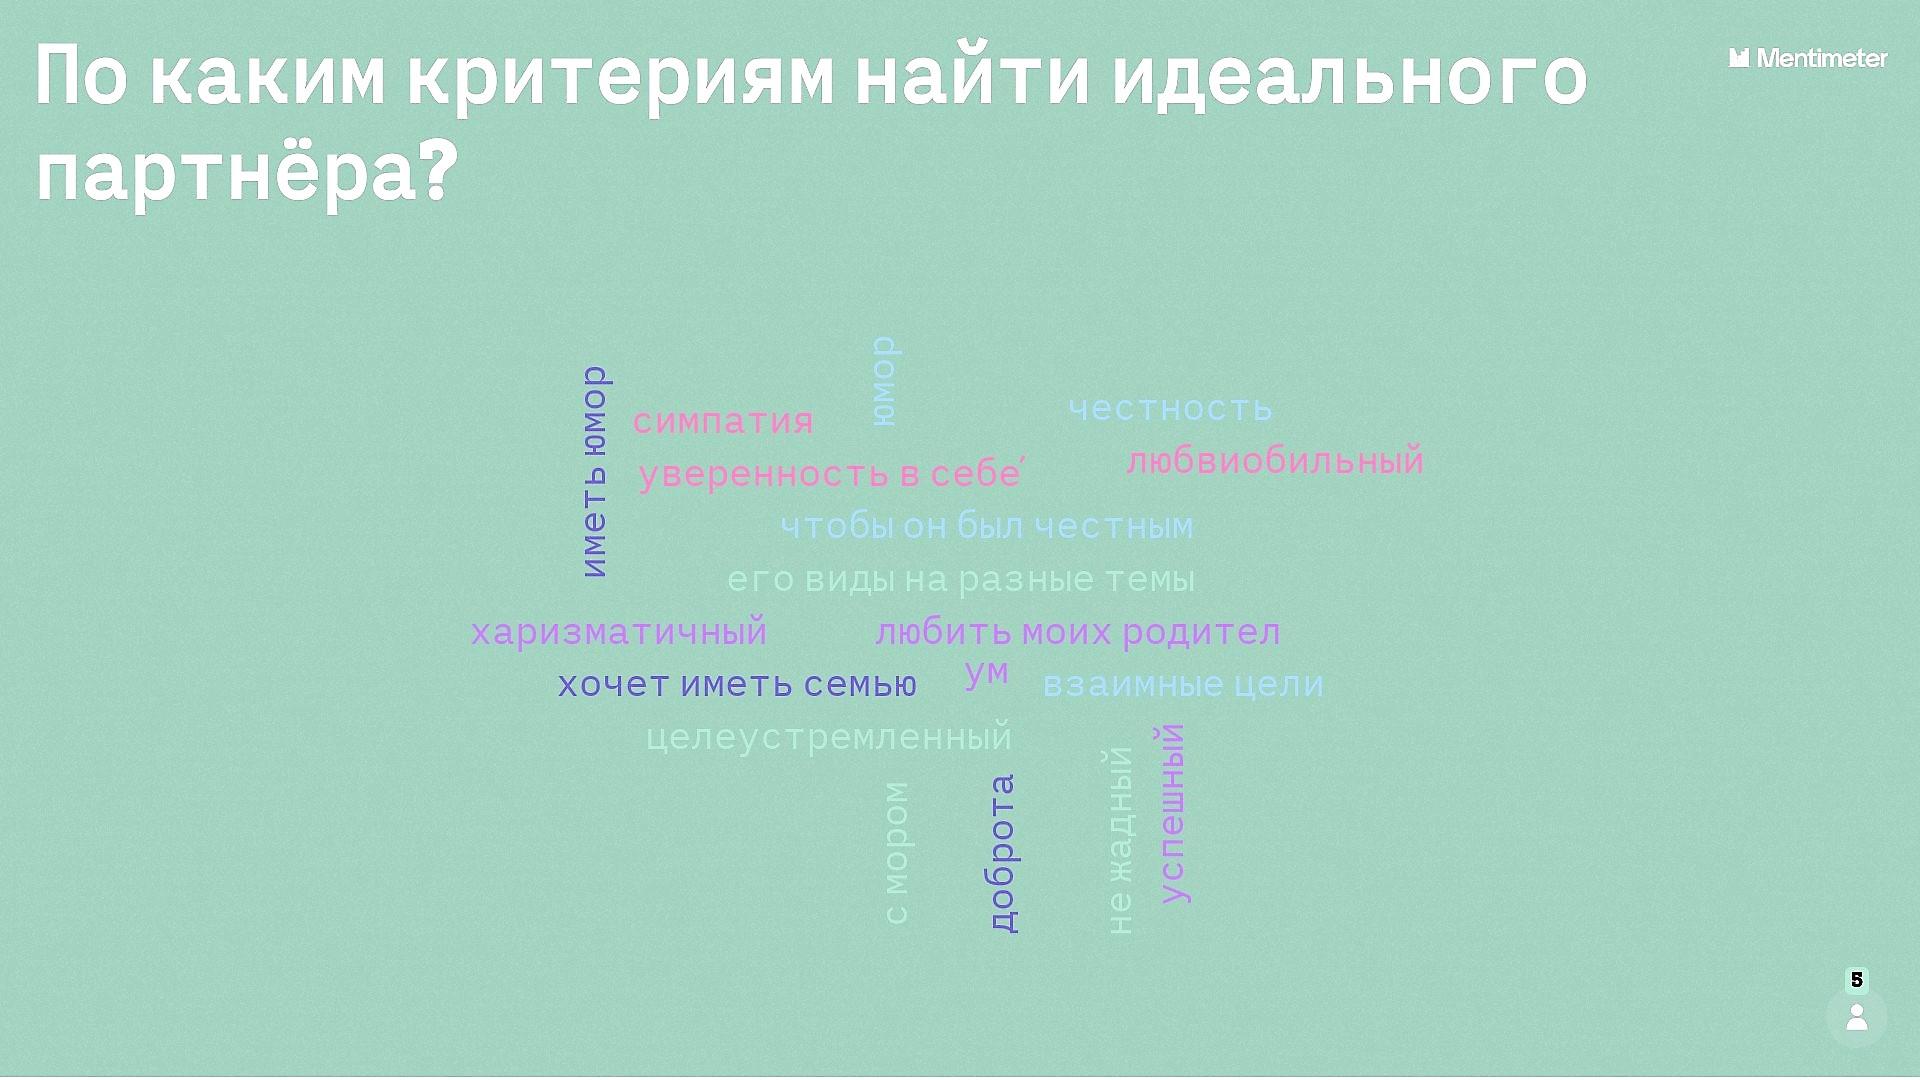 Interaktiver Russischunterricht mit Mentimeter